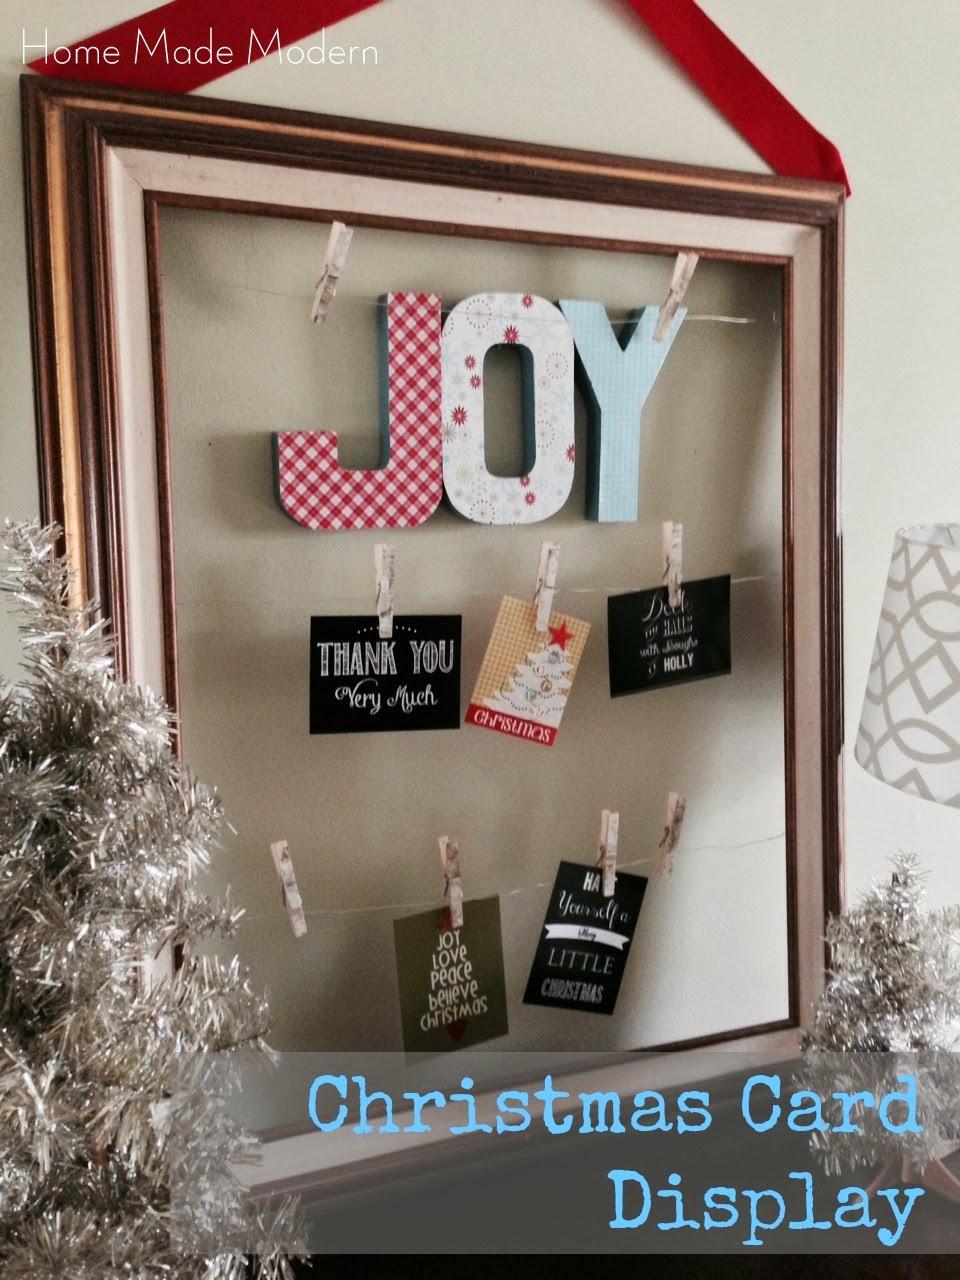 Home made modern christmas card display and gift ideas - Christmas card display ideas ...